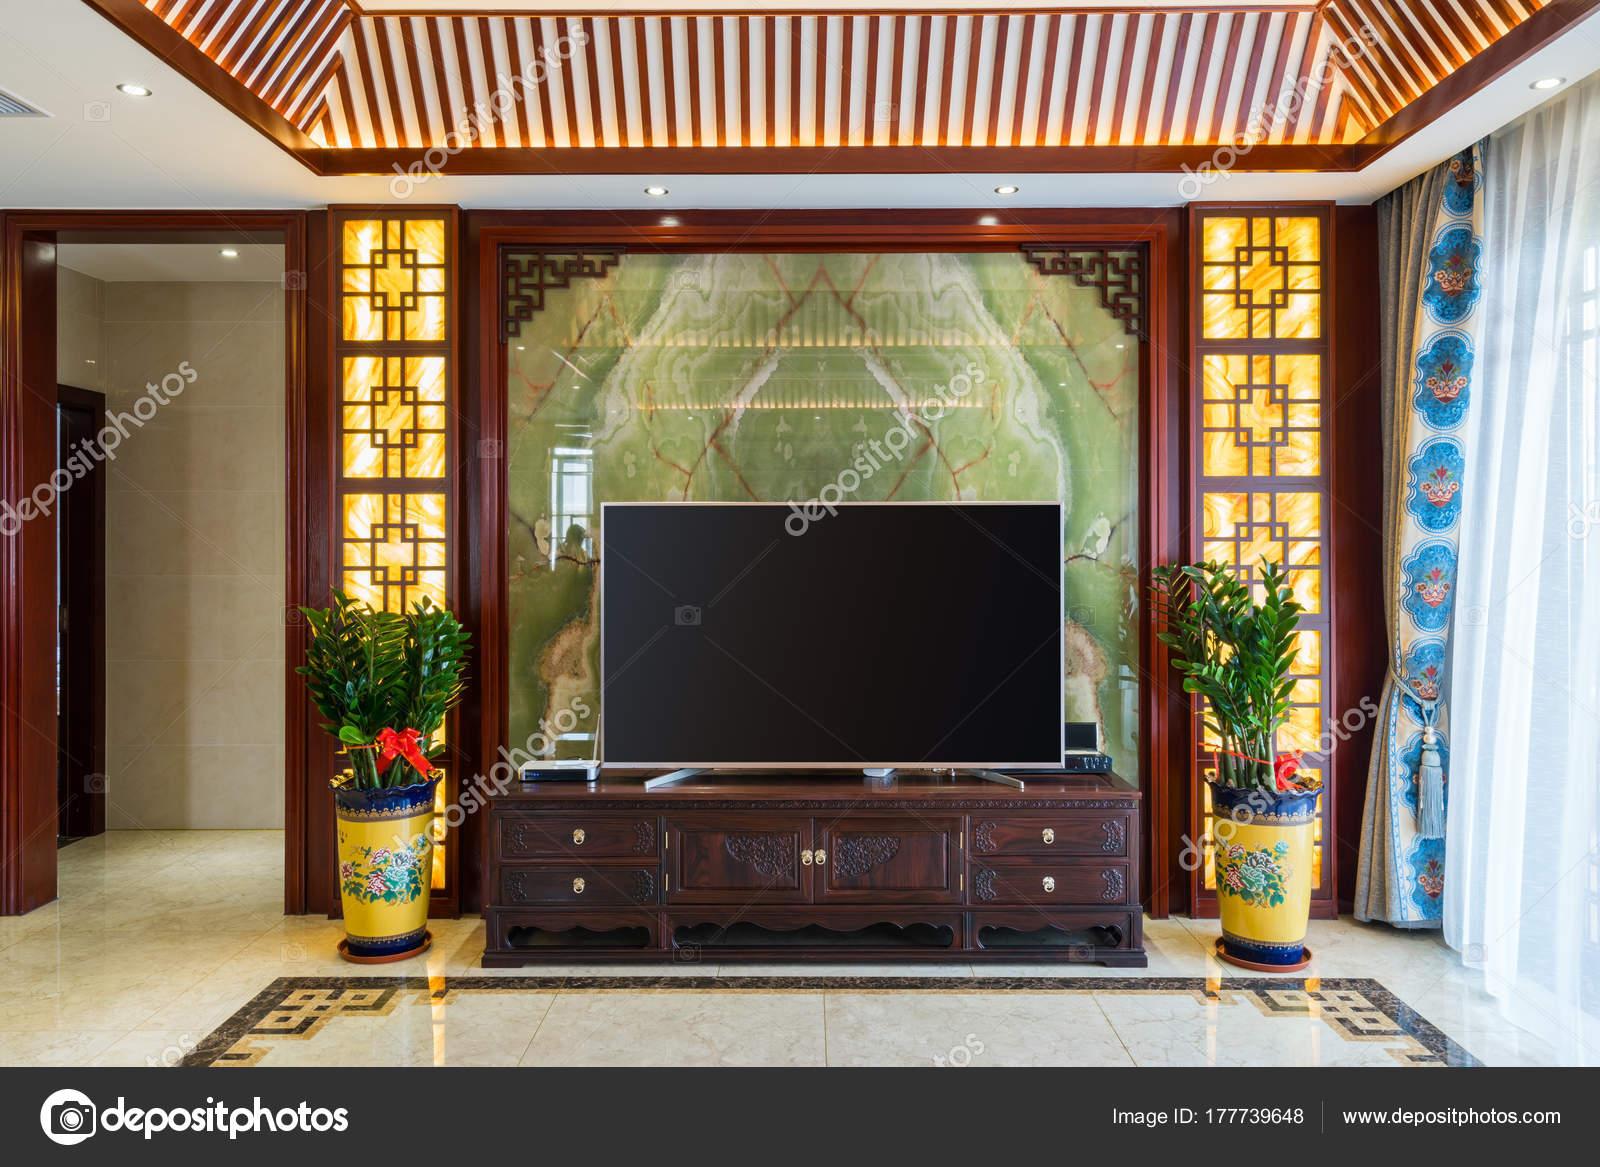 Haus innen mit chinesischen Stil Dekoration — Stockfoto ...